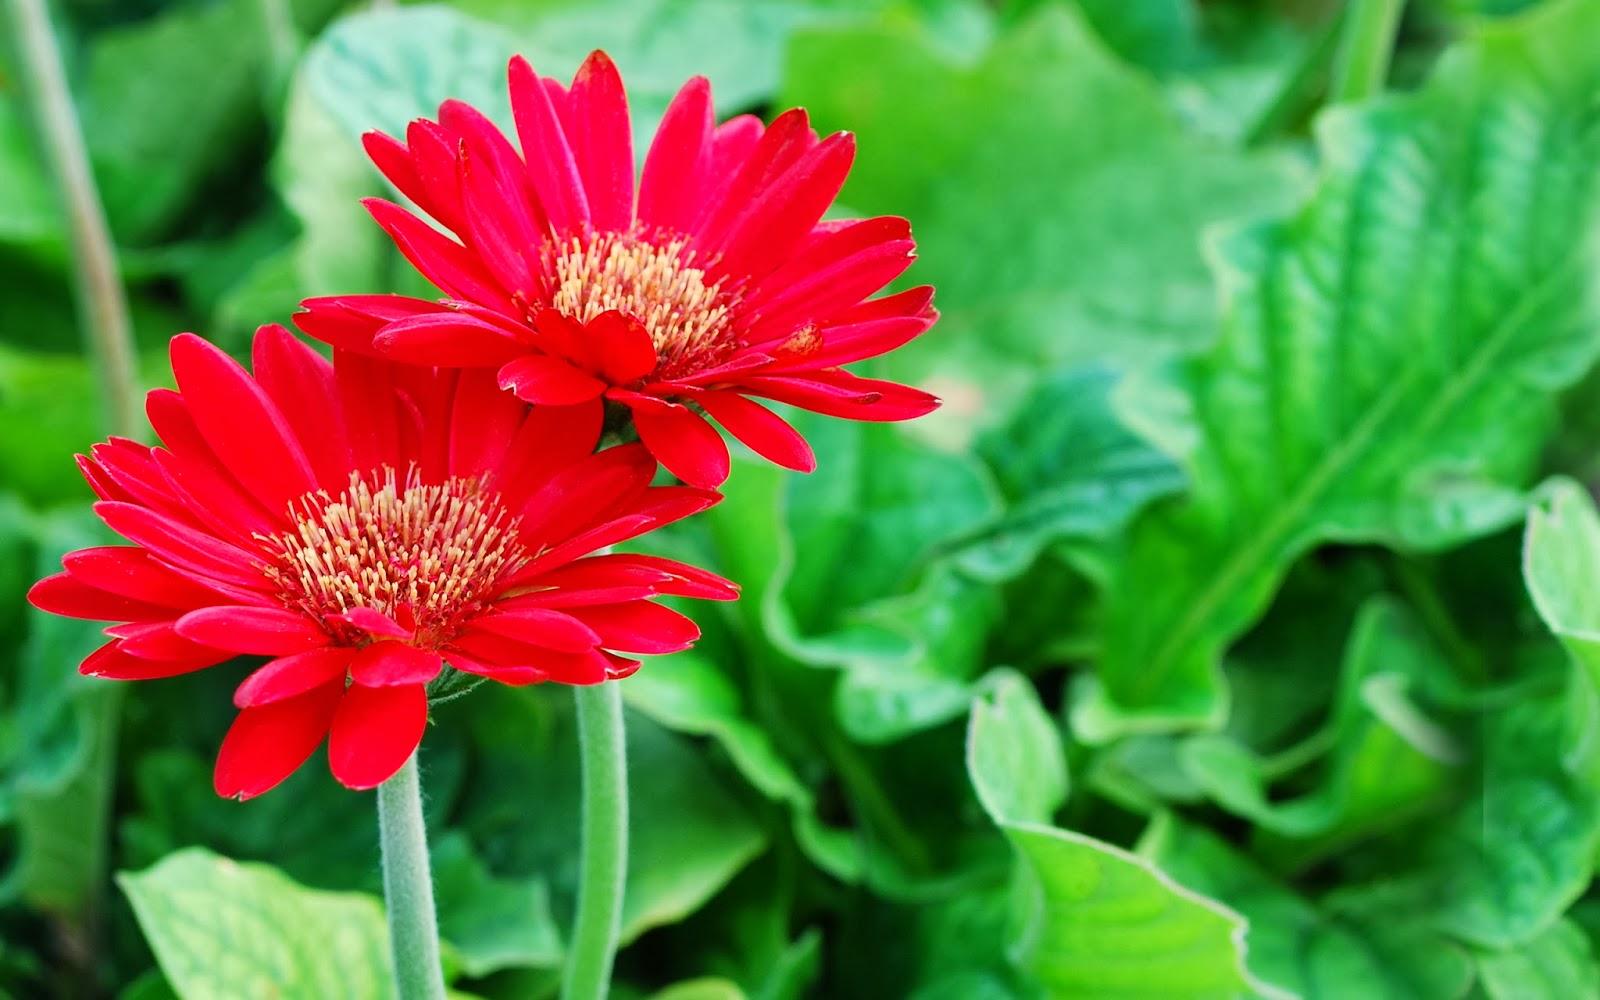 Hoa phăng vẻ đẹp đa dạng. 5 món quà đáng chọn cho phụ nữ yêu